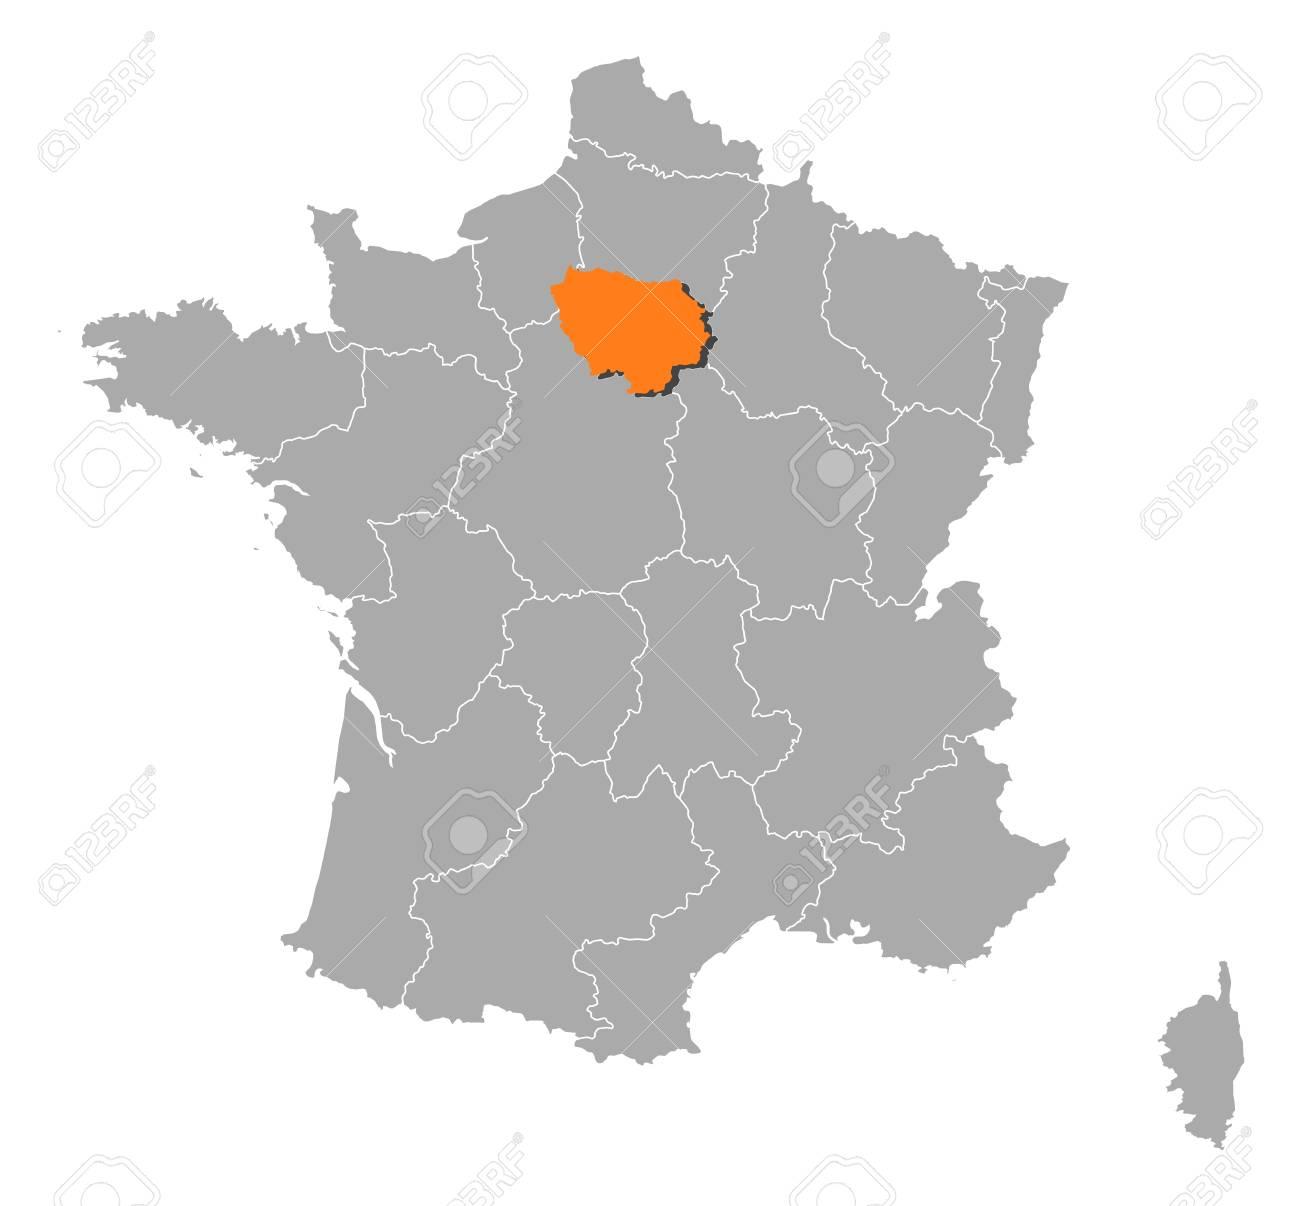 La Cartina Della Francia Politica.Mappa Politica Della Francia Con Le Varie Regioni In Cui Si Evidenzia Le De France